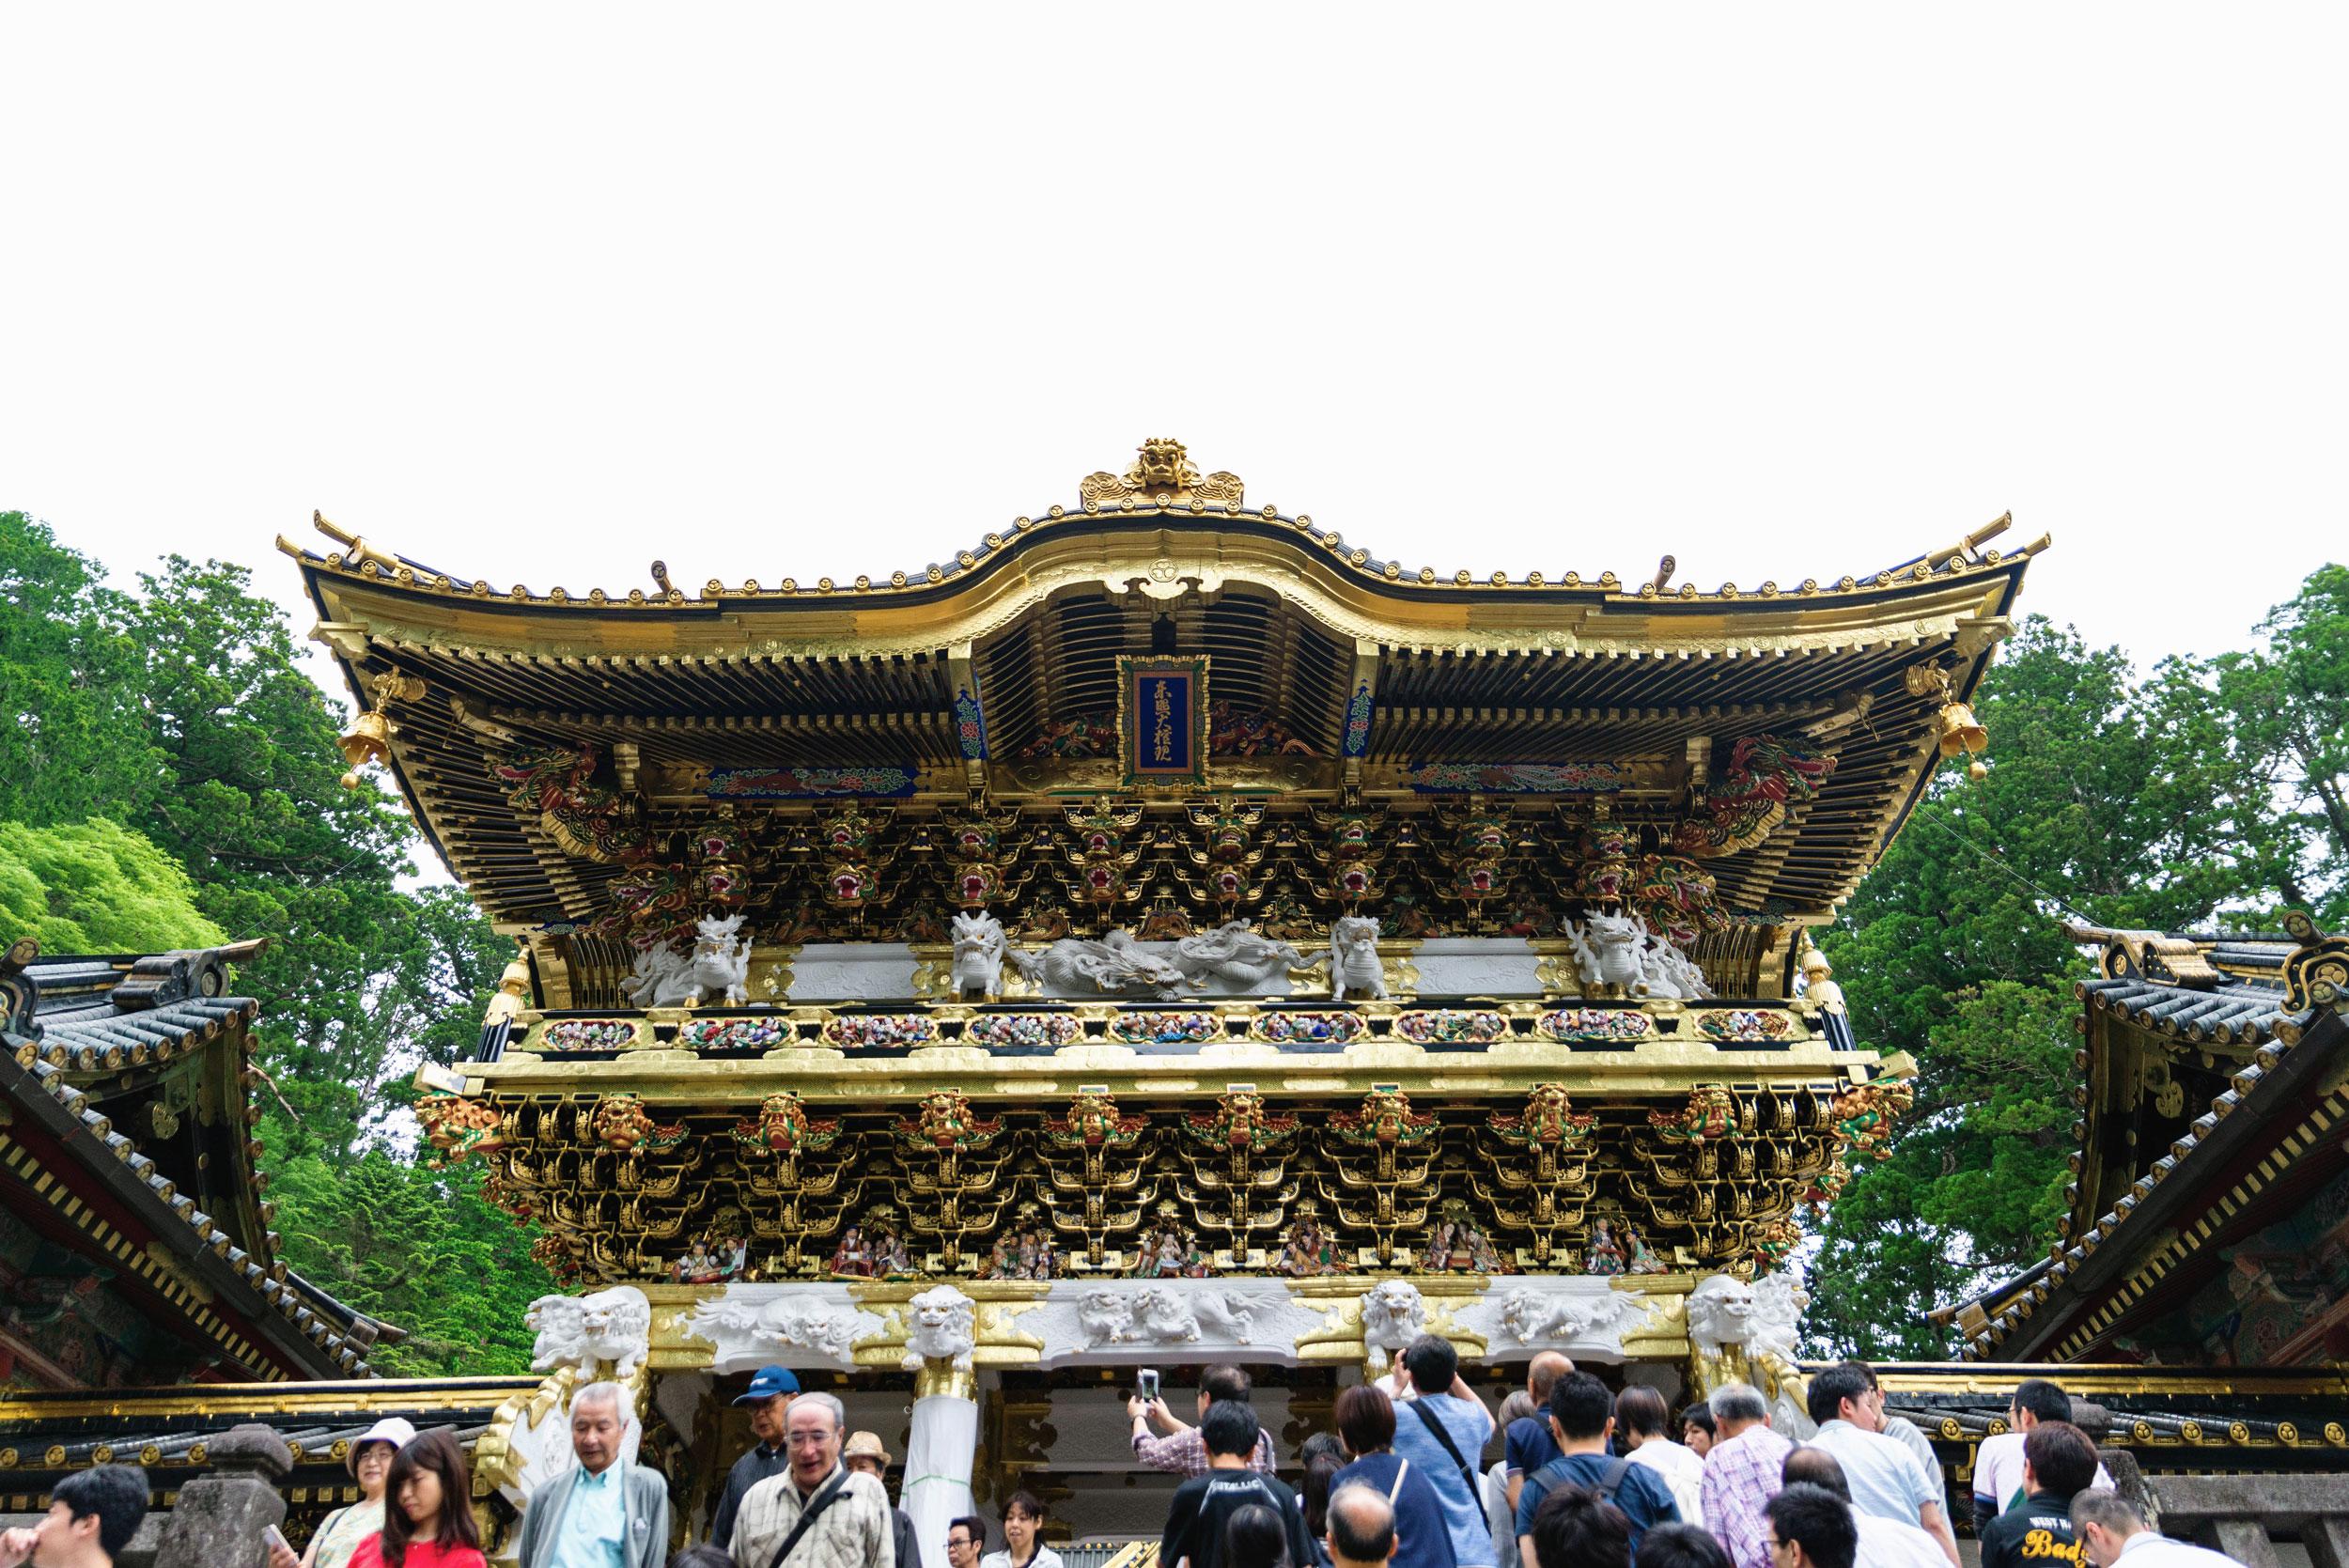 Karamon at Nikko Tosho-gu shrine